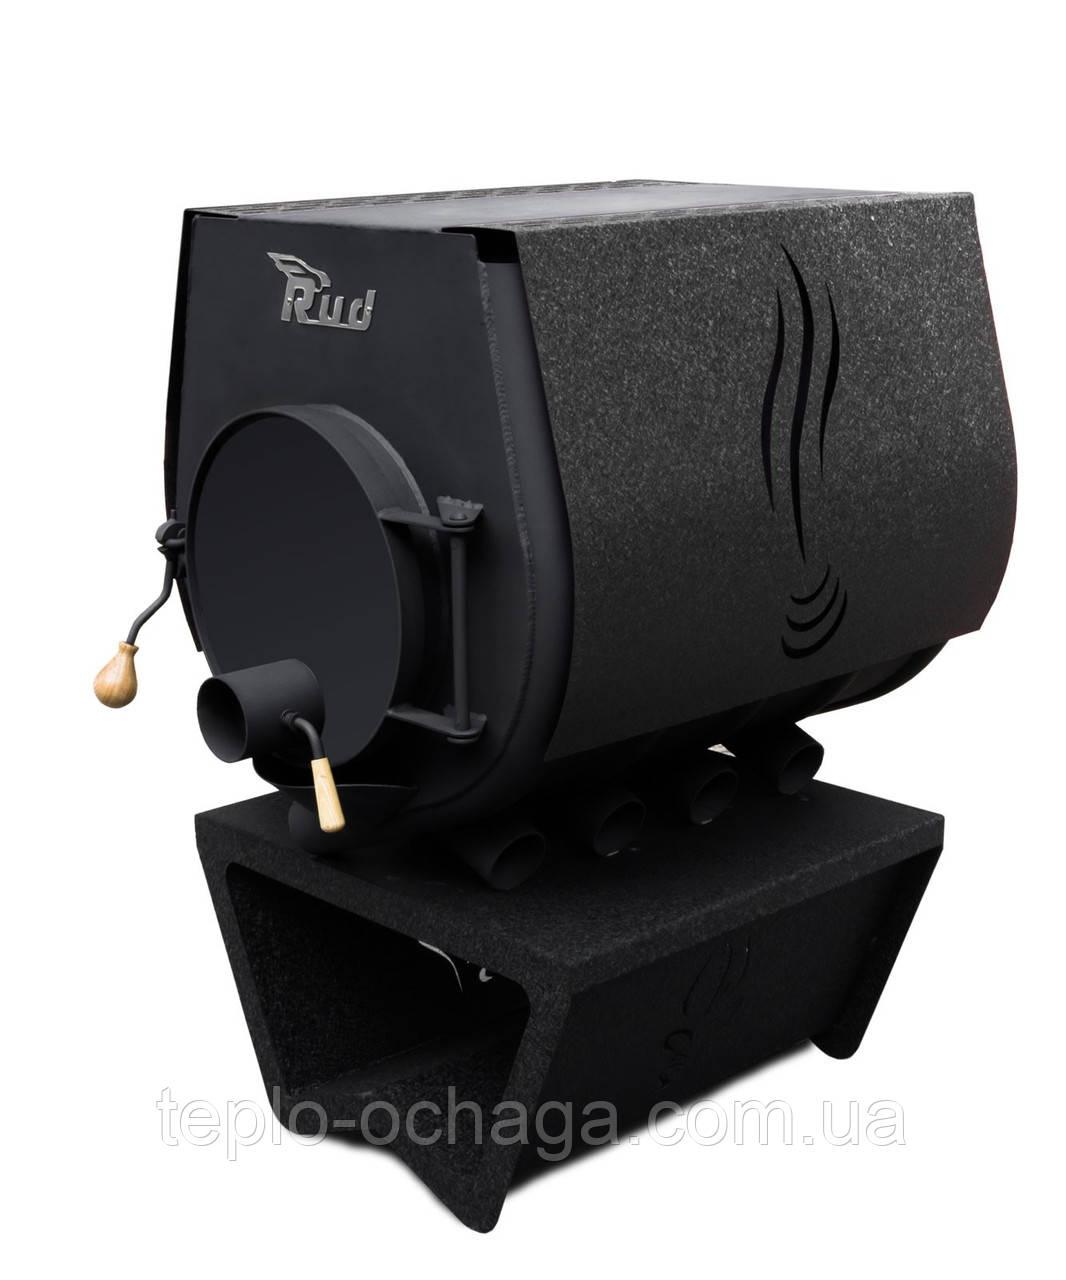 Варочная печь Rud Pyrotron Кантри 02 с варочной поверхностью обшивка декоративная (черная)